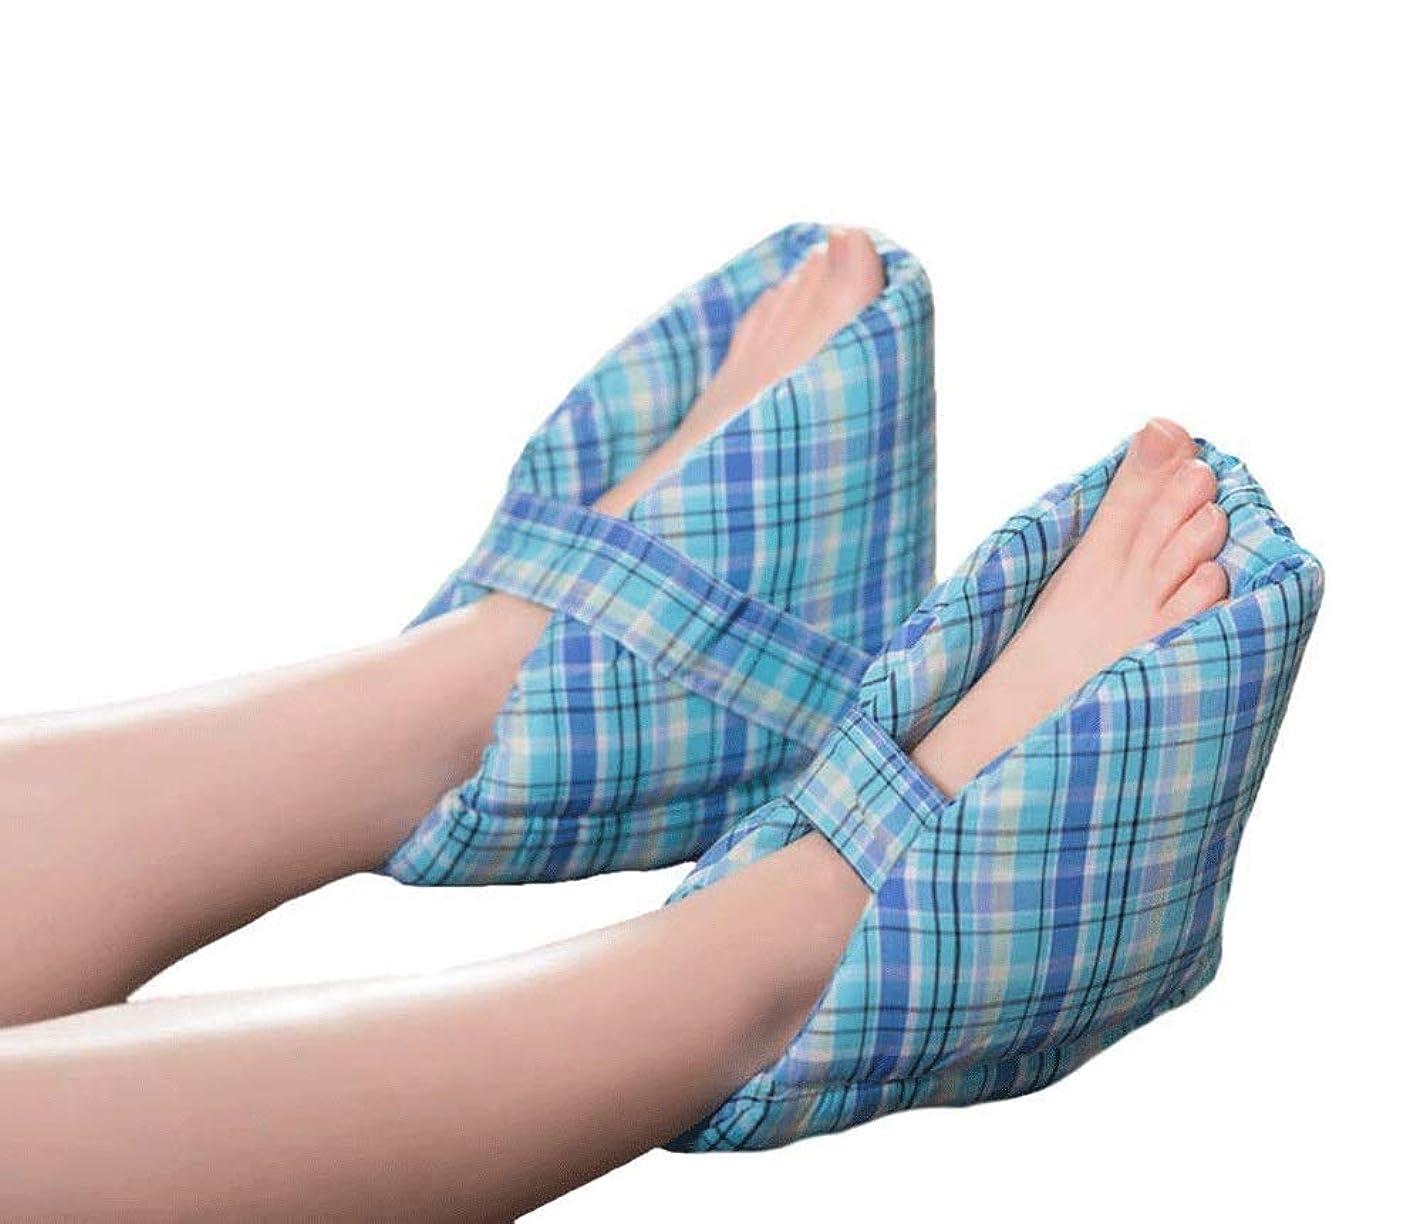 スナック高度な鳴り響くかかとプロテクター枕、足補正カバー、効果的なPressure瘡とかかと潰瘍の救済、腫れた足に最適、快適なかかと保護足枕、1ペア